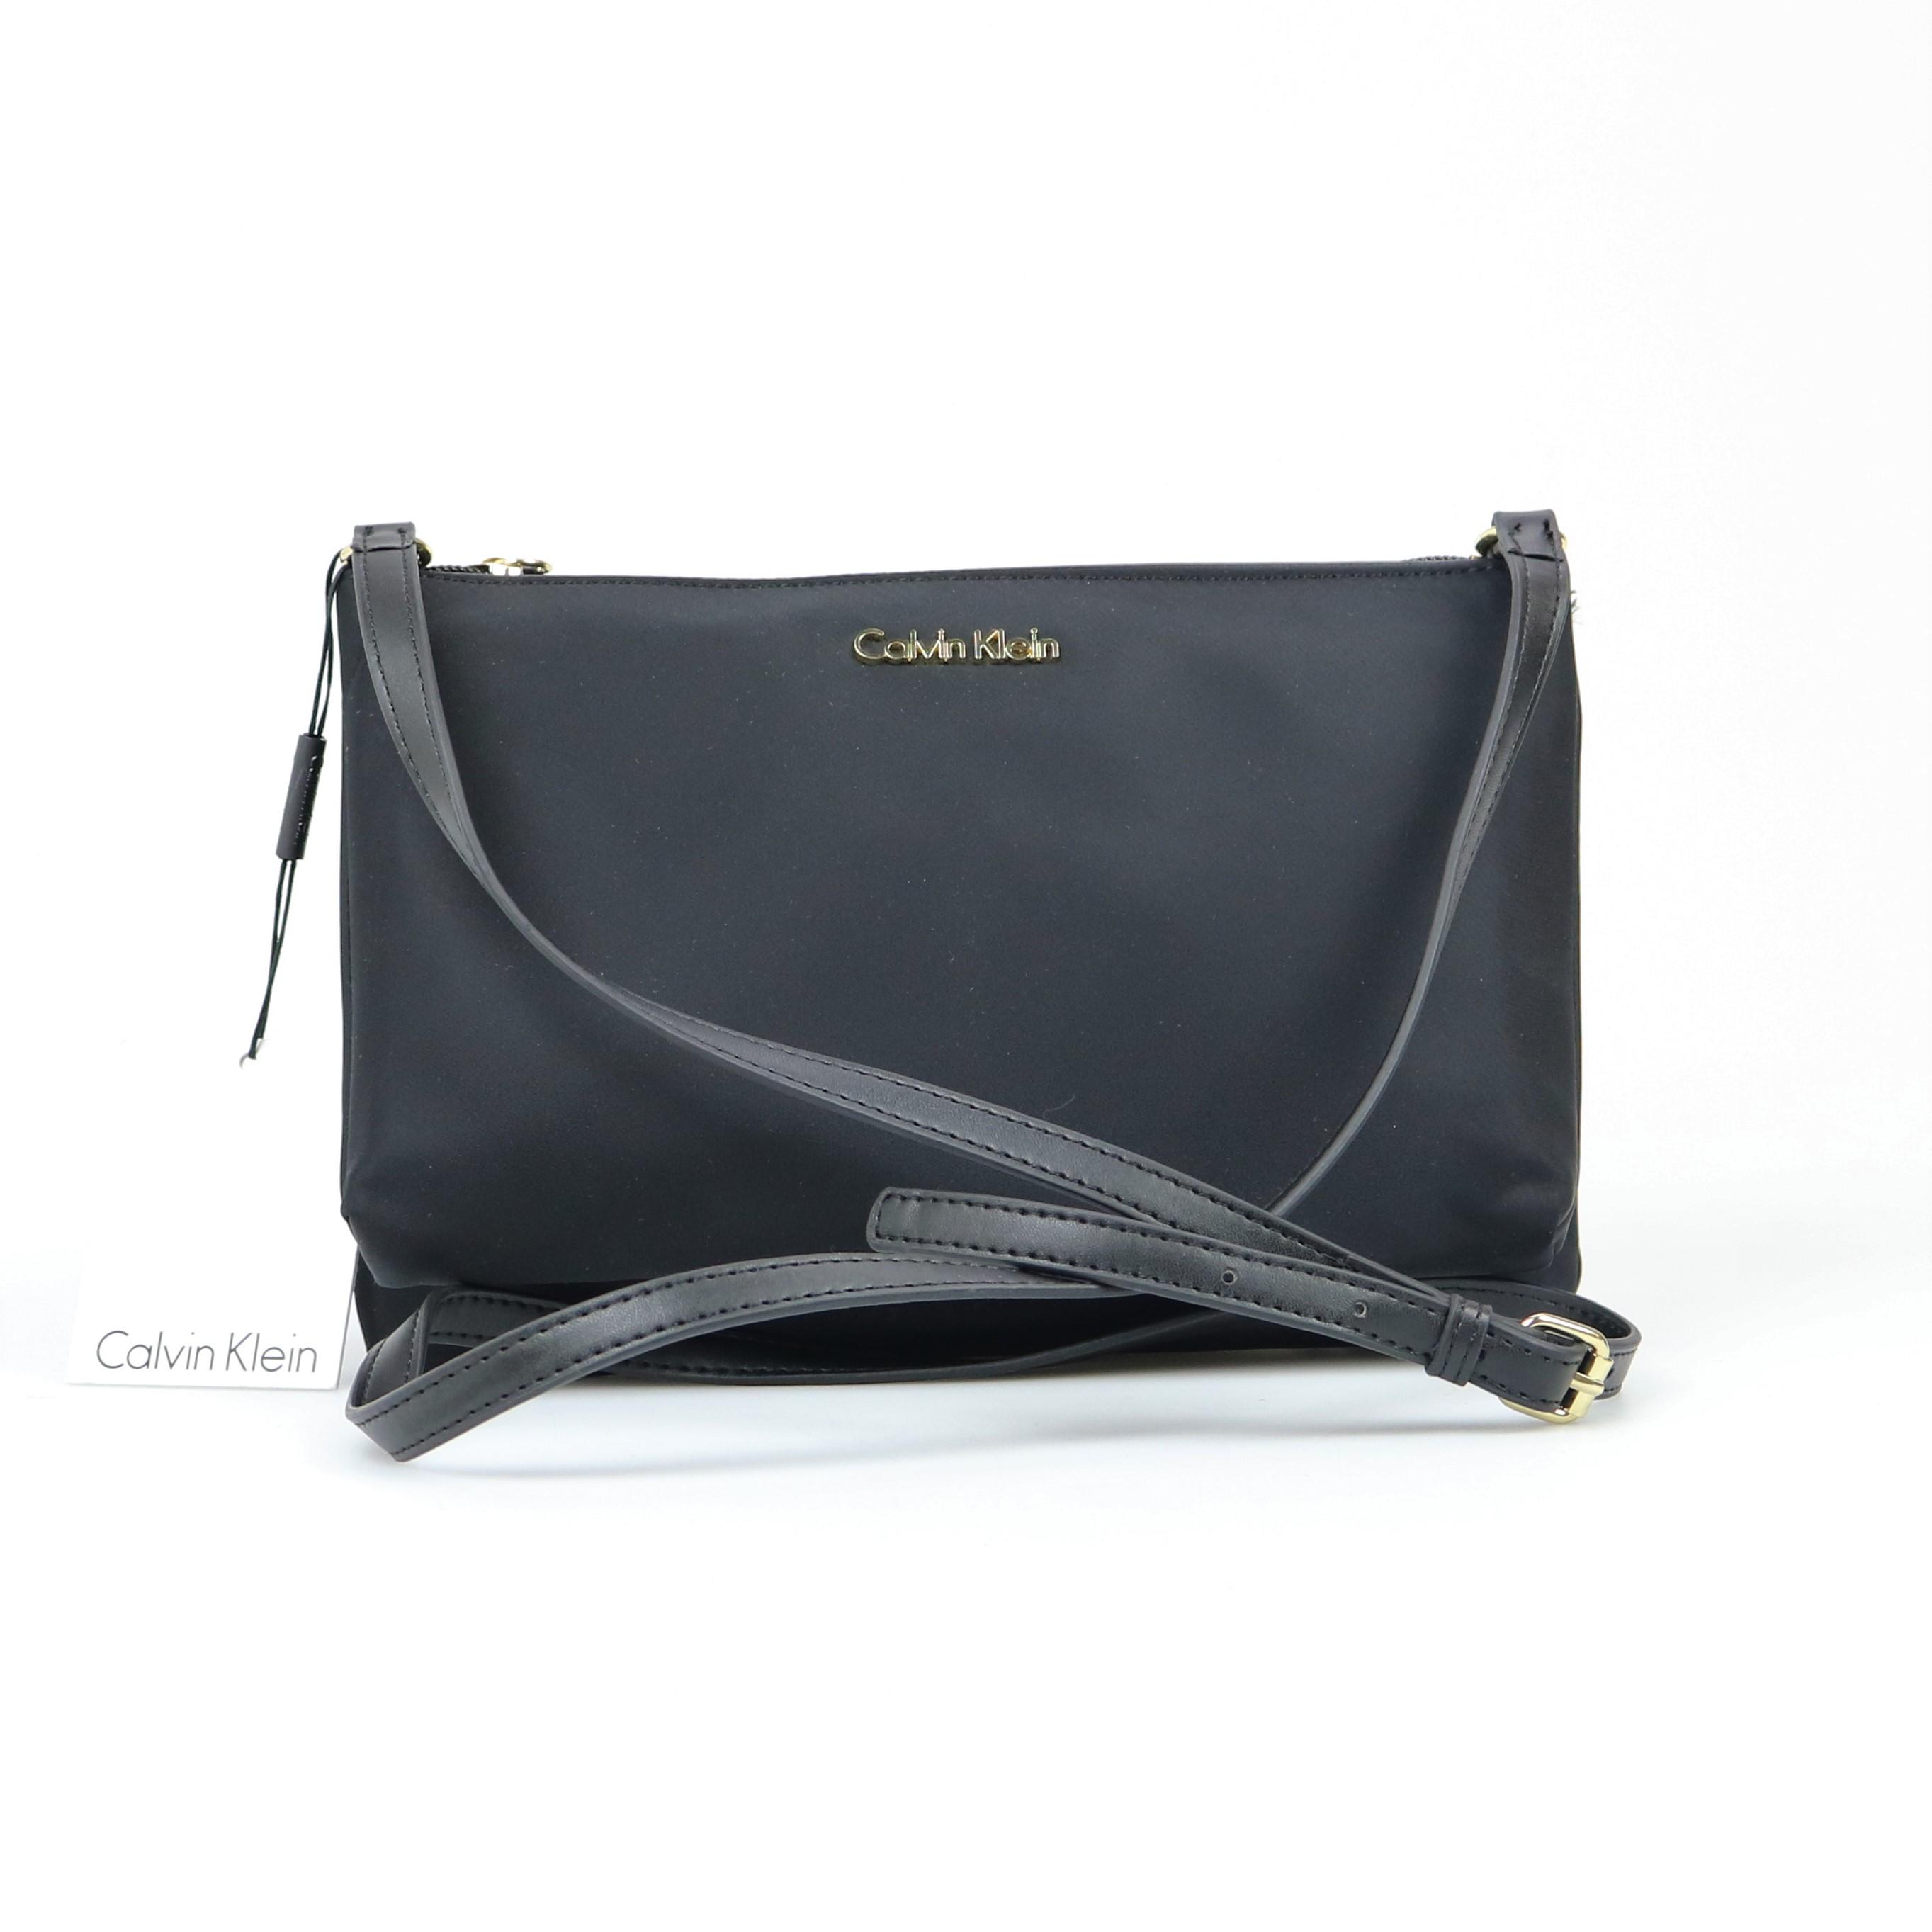 a1784189449 Calvin Klein Lucy Nylon Crossbody 191797909512 | eBay